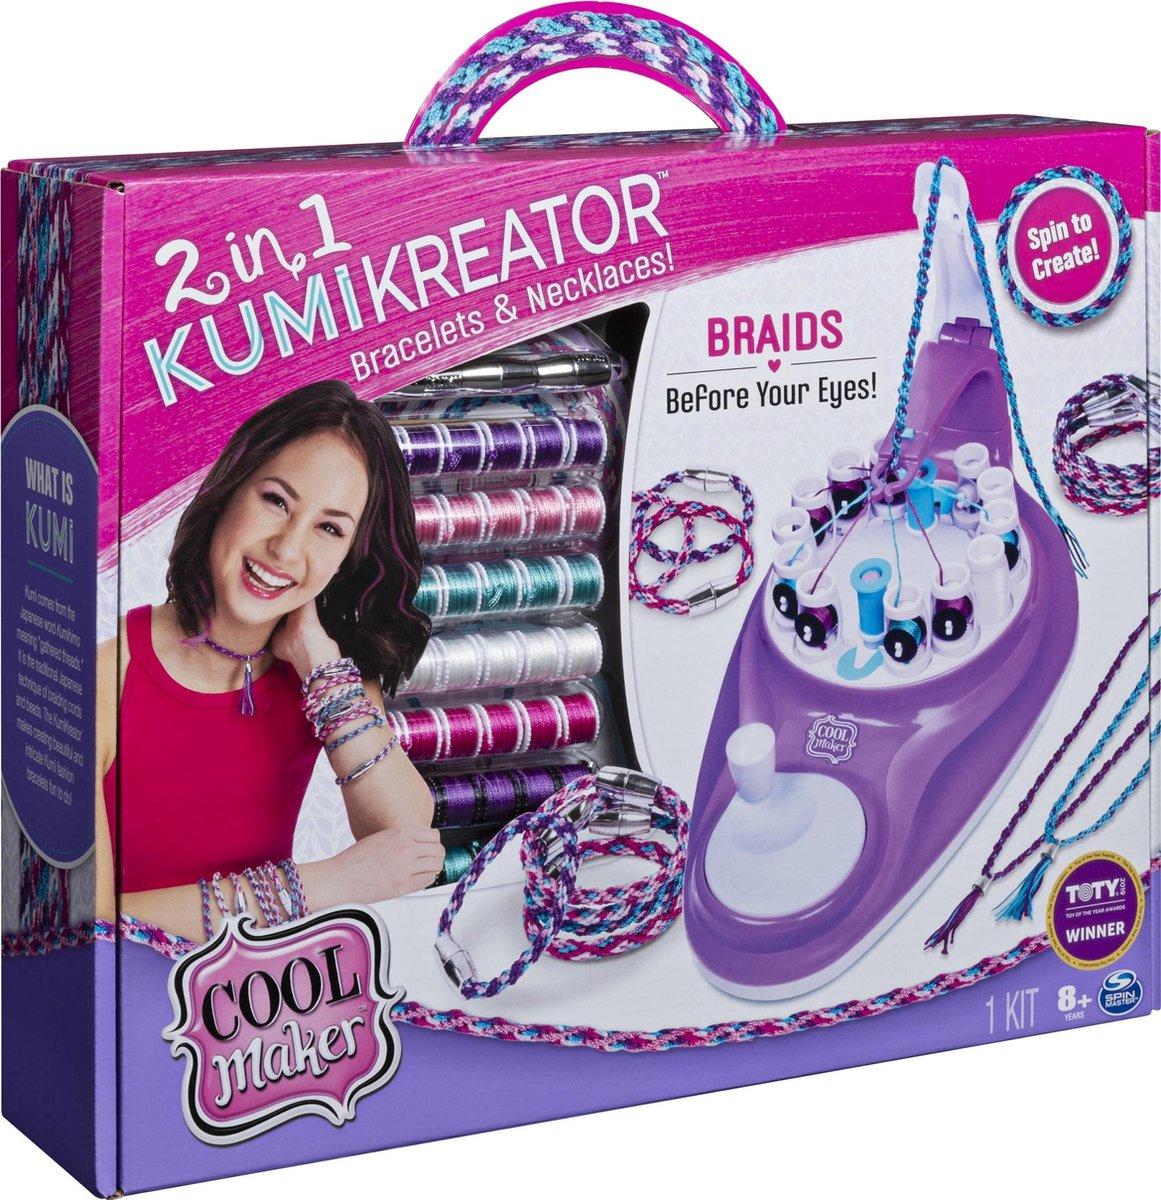 Cool Maker KumiKreator Studio 2 in 1 Speelset @ Kruidvat